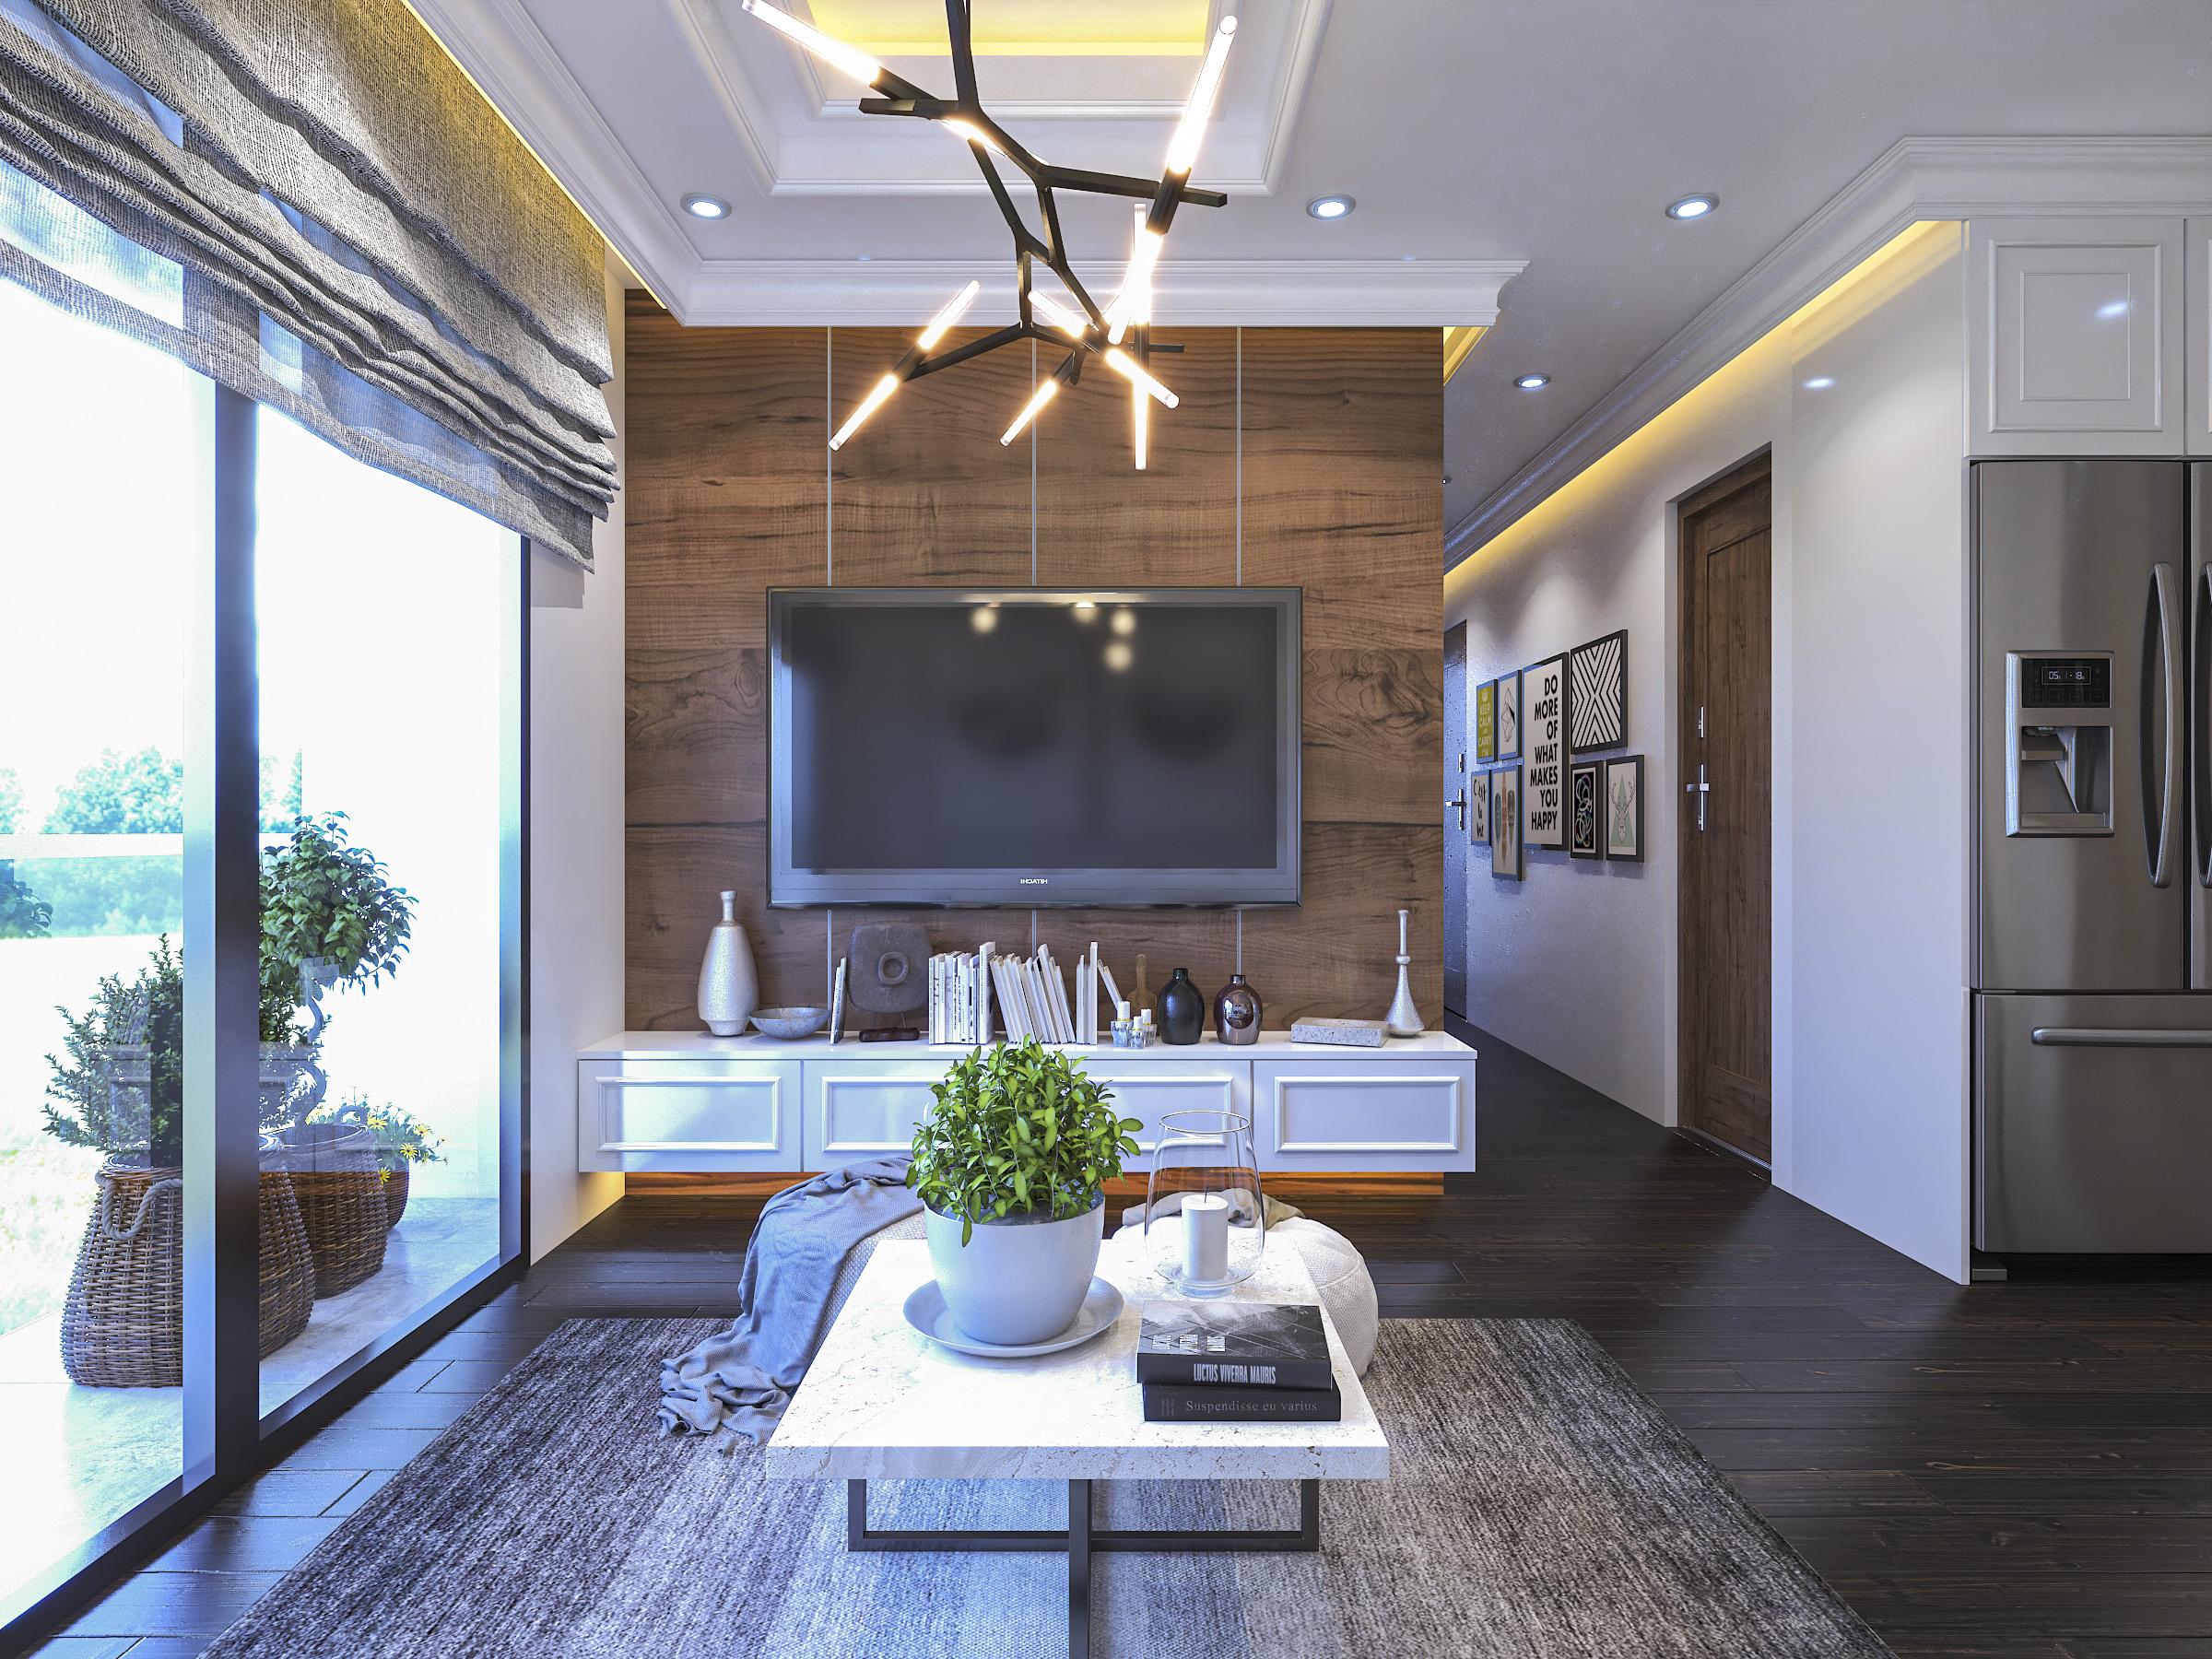 Thiết kế nội thất Chung Cư tại Hồ Chí Minh Ms Liên's Apartment 1592323879 4